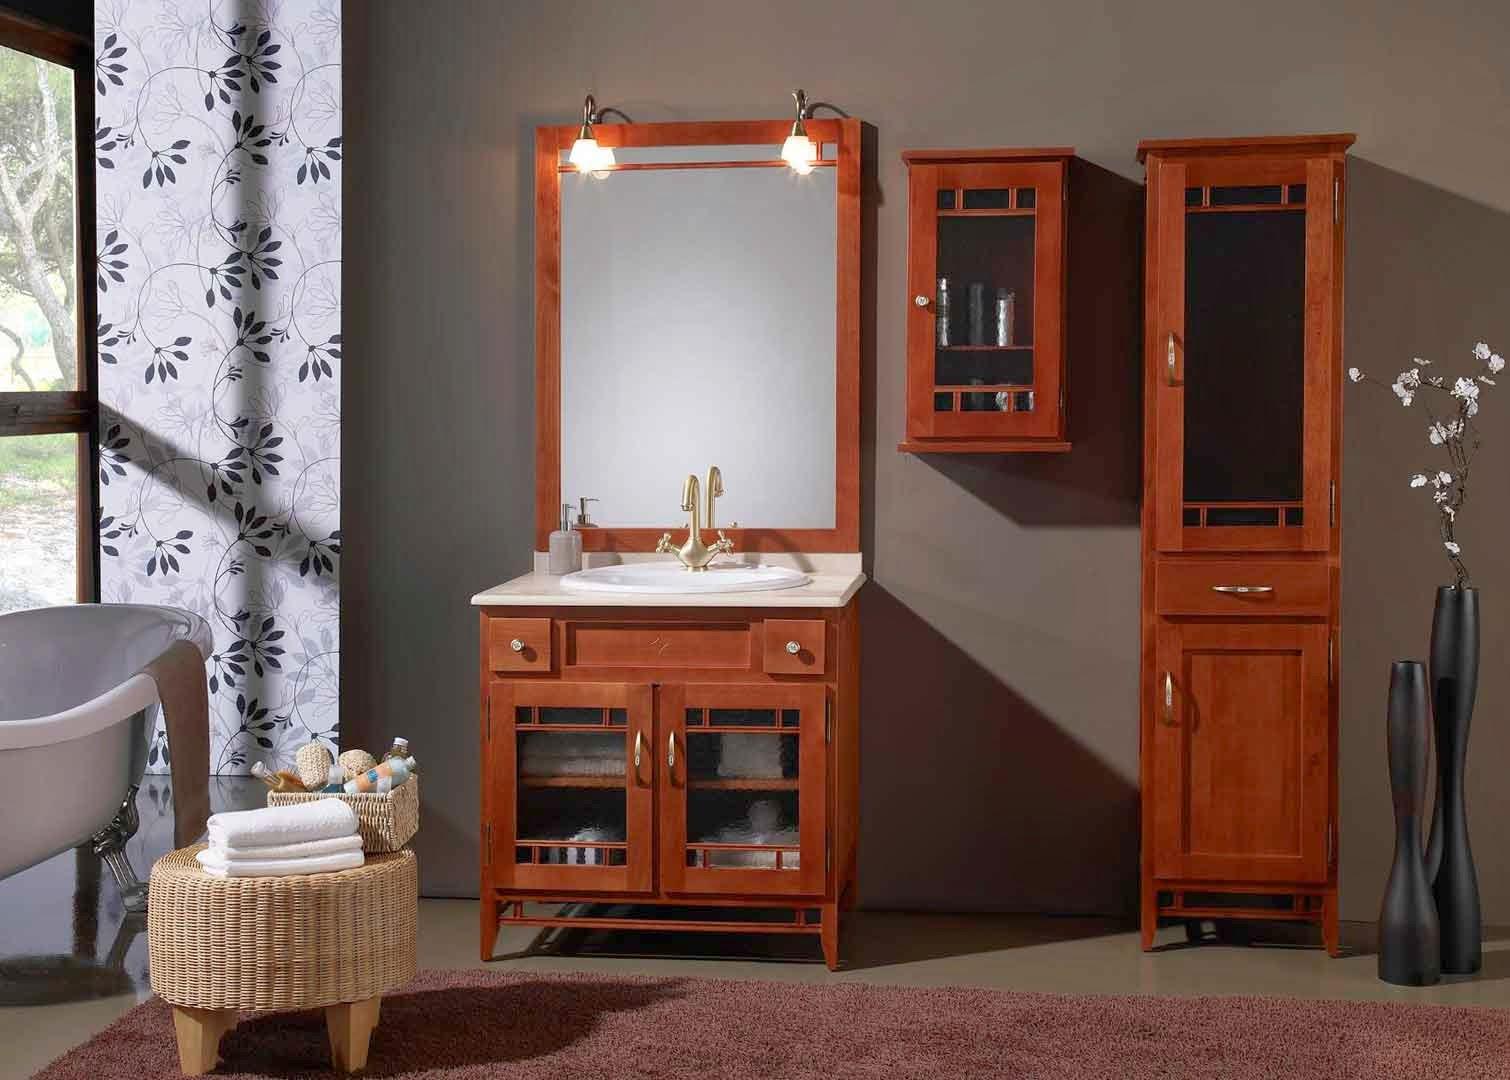 comprar muebles de algarrobo: cosas que deberías saber | revista ... - Saber Comprar Mobiliario